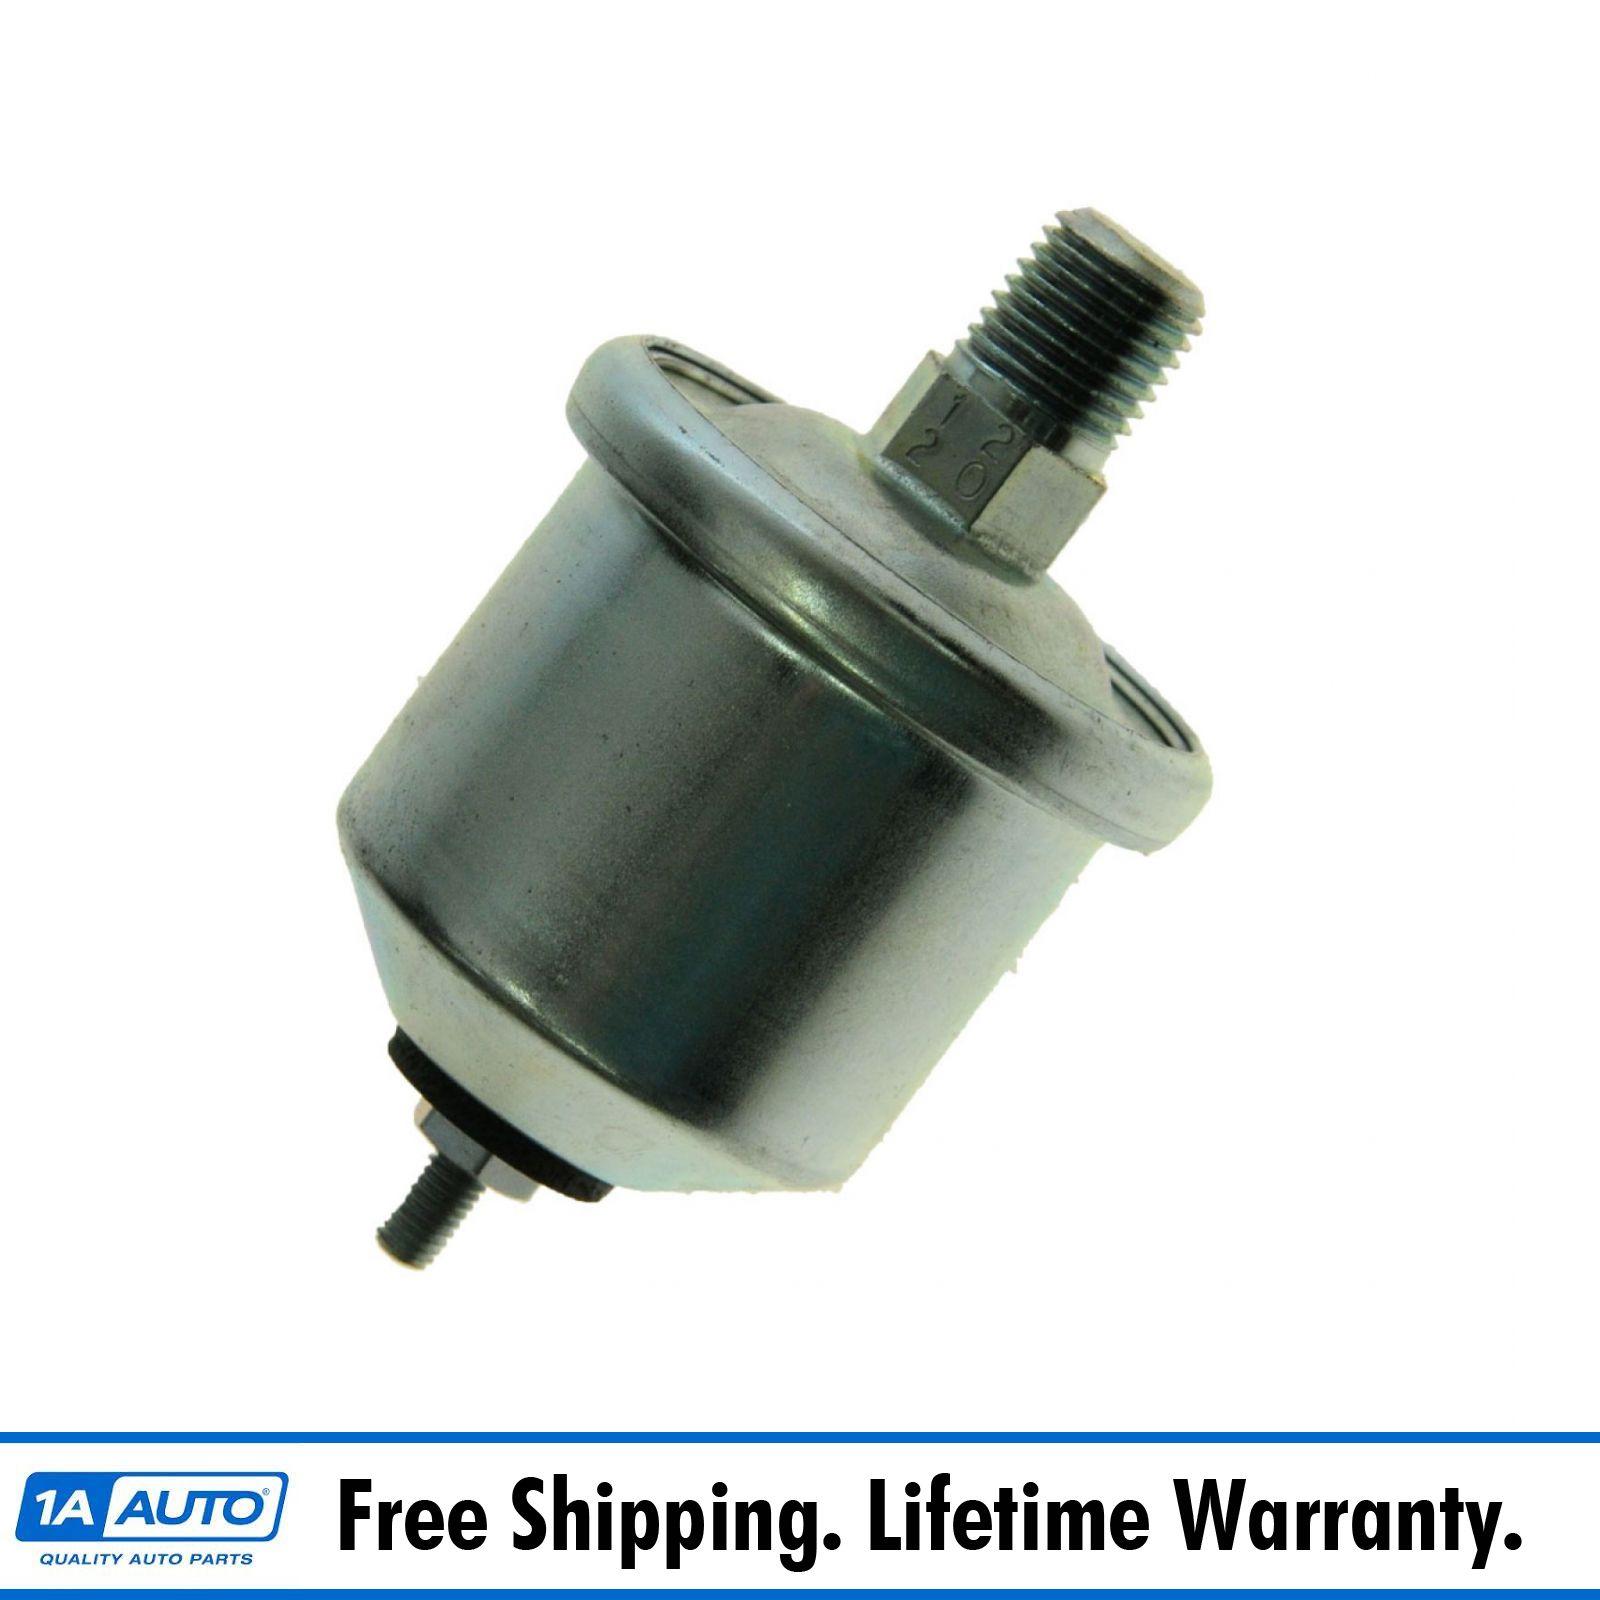 Oil Pressure Sensor Switch Sender For Lincoln Mercury Ford